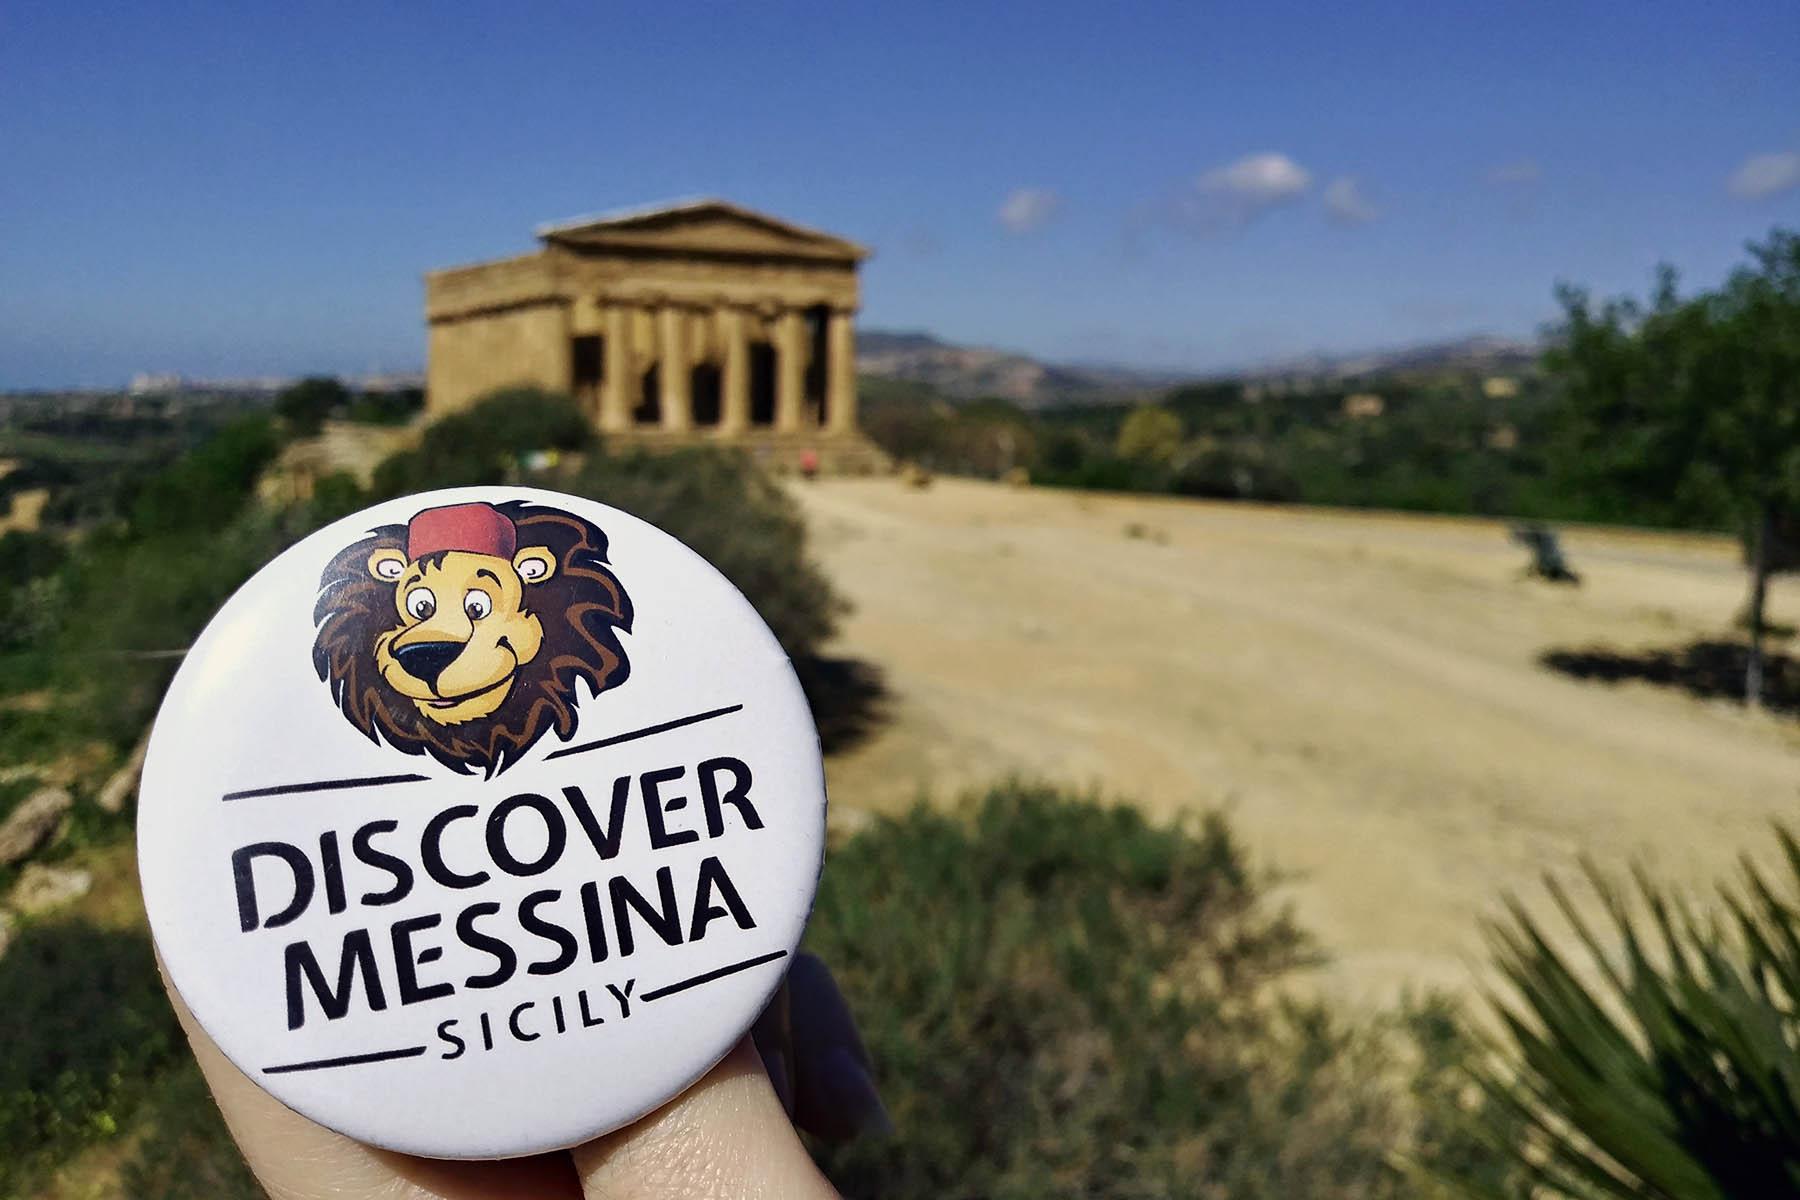 Discover Messina Sicily Agrigento